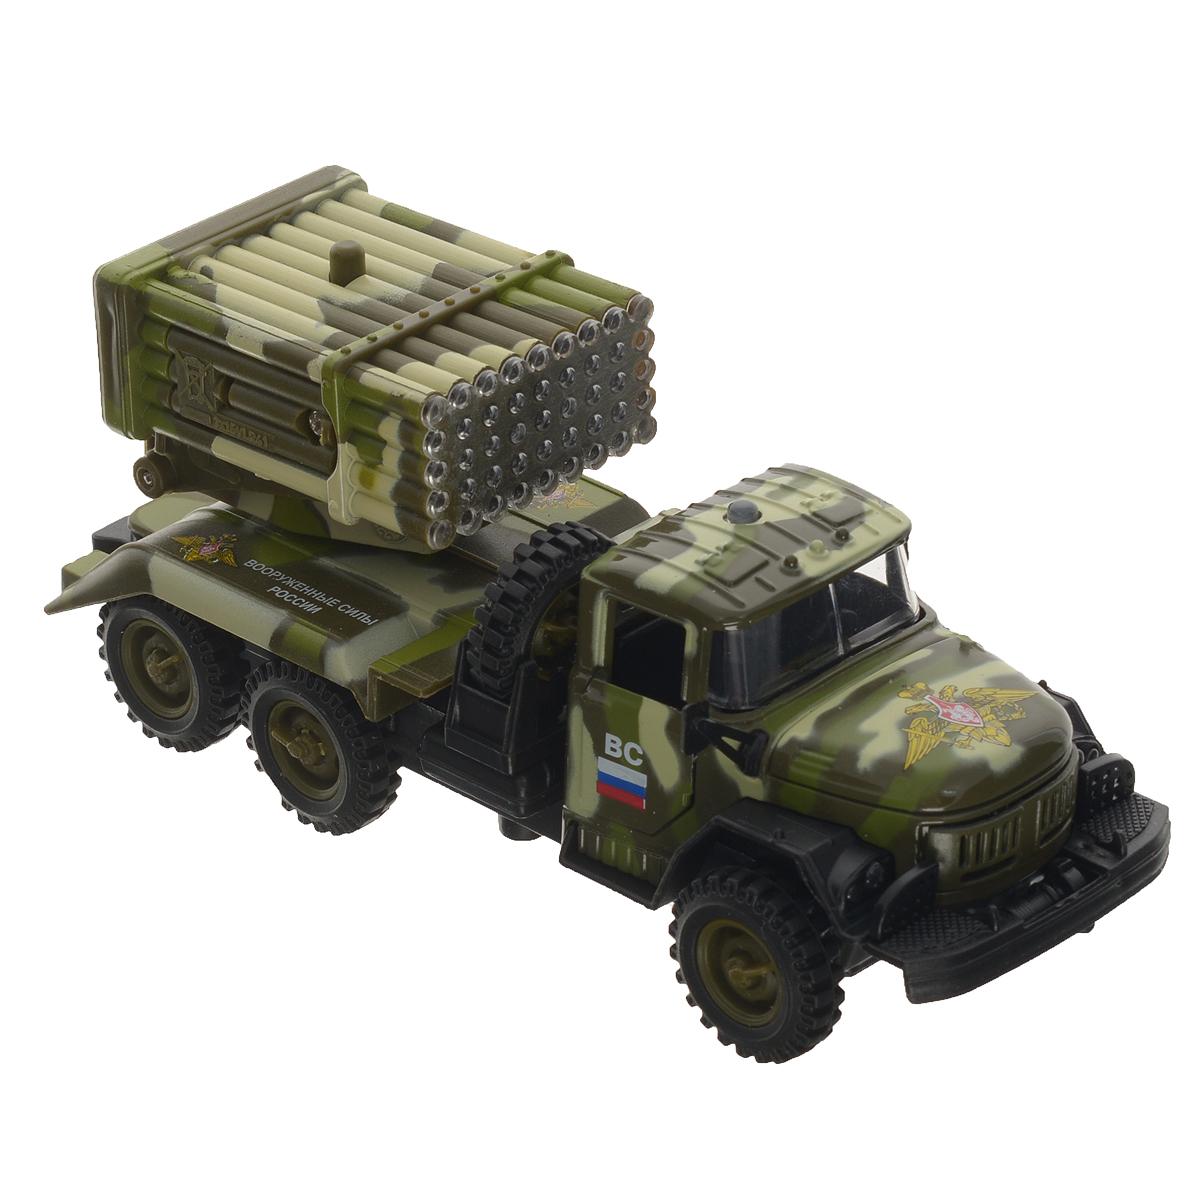 ТехноПарк Машинка инерционная ЗИЛ 131 ВС цвет камуфляжCT10-001-M-2Инерционная машинка ТехноПарк ЗИЛ 131 ВС, выполненная из пластика и металла, станет любимой игрушкой вашего малыша. Игрушка представляет собой модель армейского грузовика марки ЗИЛ 131 с расположенной на месте кузова системой залпового огня. У машинки открываются дверцы кабины, система залпового огня поворачивается на 360 градусов. Между кабиной и кузовом расположено запасное колесо, которое также может быть использовано по назначению. При нажатии на кнопку замигают изображающие огонь лампочки, прозвучат звуки выстрелов и команды военных. Игрушка оснащена инерционным ходом. Машинку необходимо отвести назад, затем отпустить - и она быстро поедет вперед. Прорезиненные колеса обеспечивают надежное сцепление с любой гладкой поверхностью. Ваш ребенок будет часами играть с этой машинкой, придумывая различные истории. Порадуйте его таким замечательным подарком! Машинка работает от батареек (товар комплектуется демонстрационными).